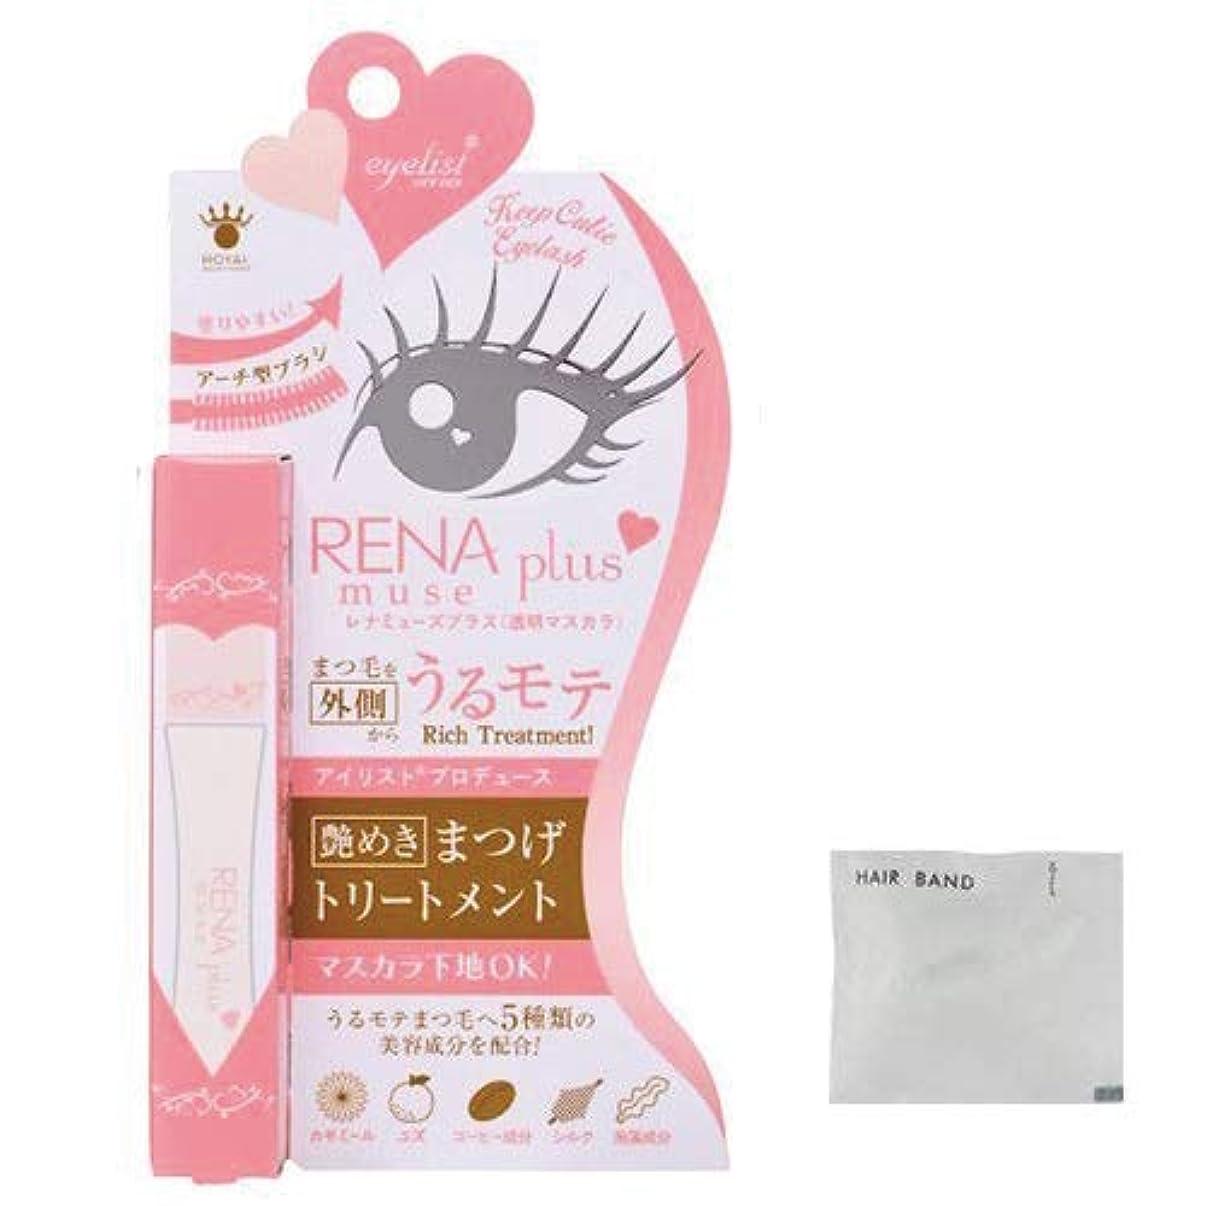 ベルベットぬいぐるみキッチンアイリスト(eyelist) RENA muse plus(レナミューズプラス) 8g + ヘアゴム(カラーはおまかせ)セット